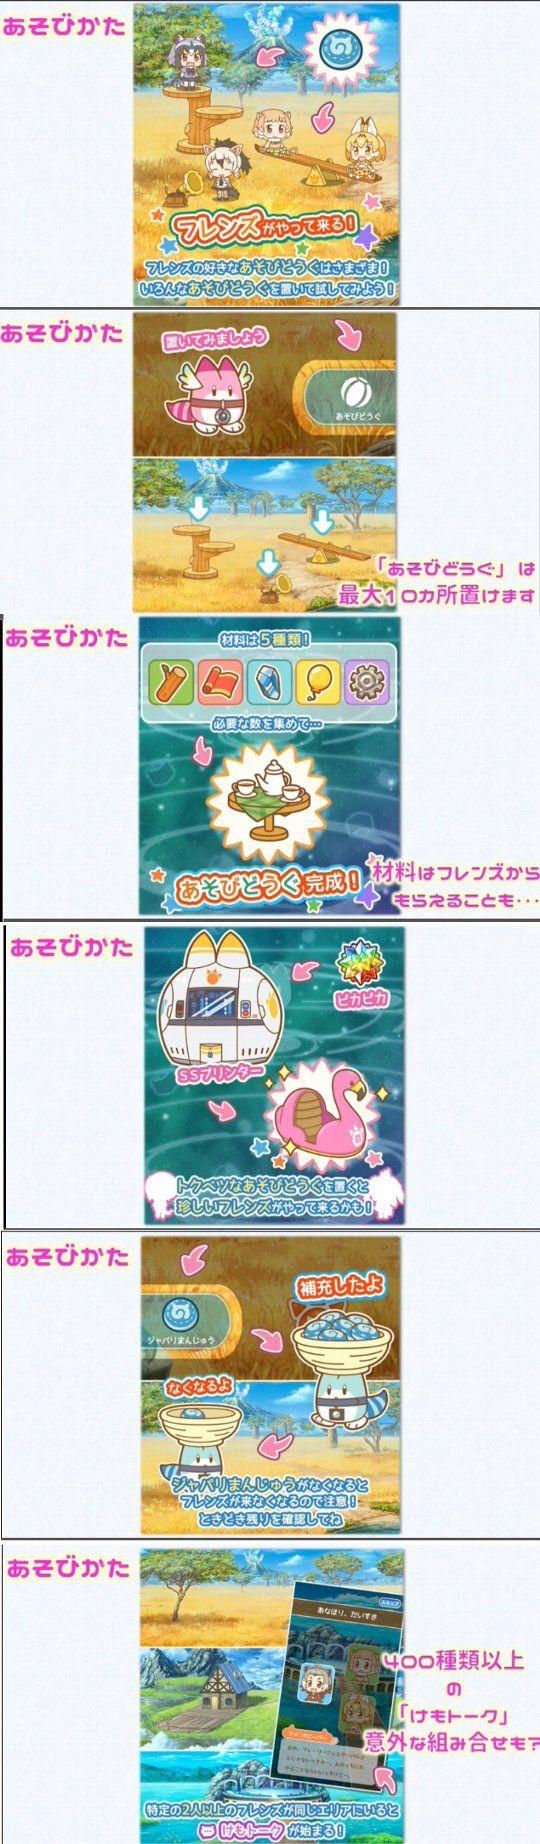 けものフレンズ ぱびりおん スマホゲー アプリに関連した画像-04